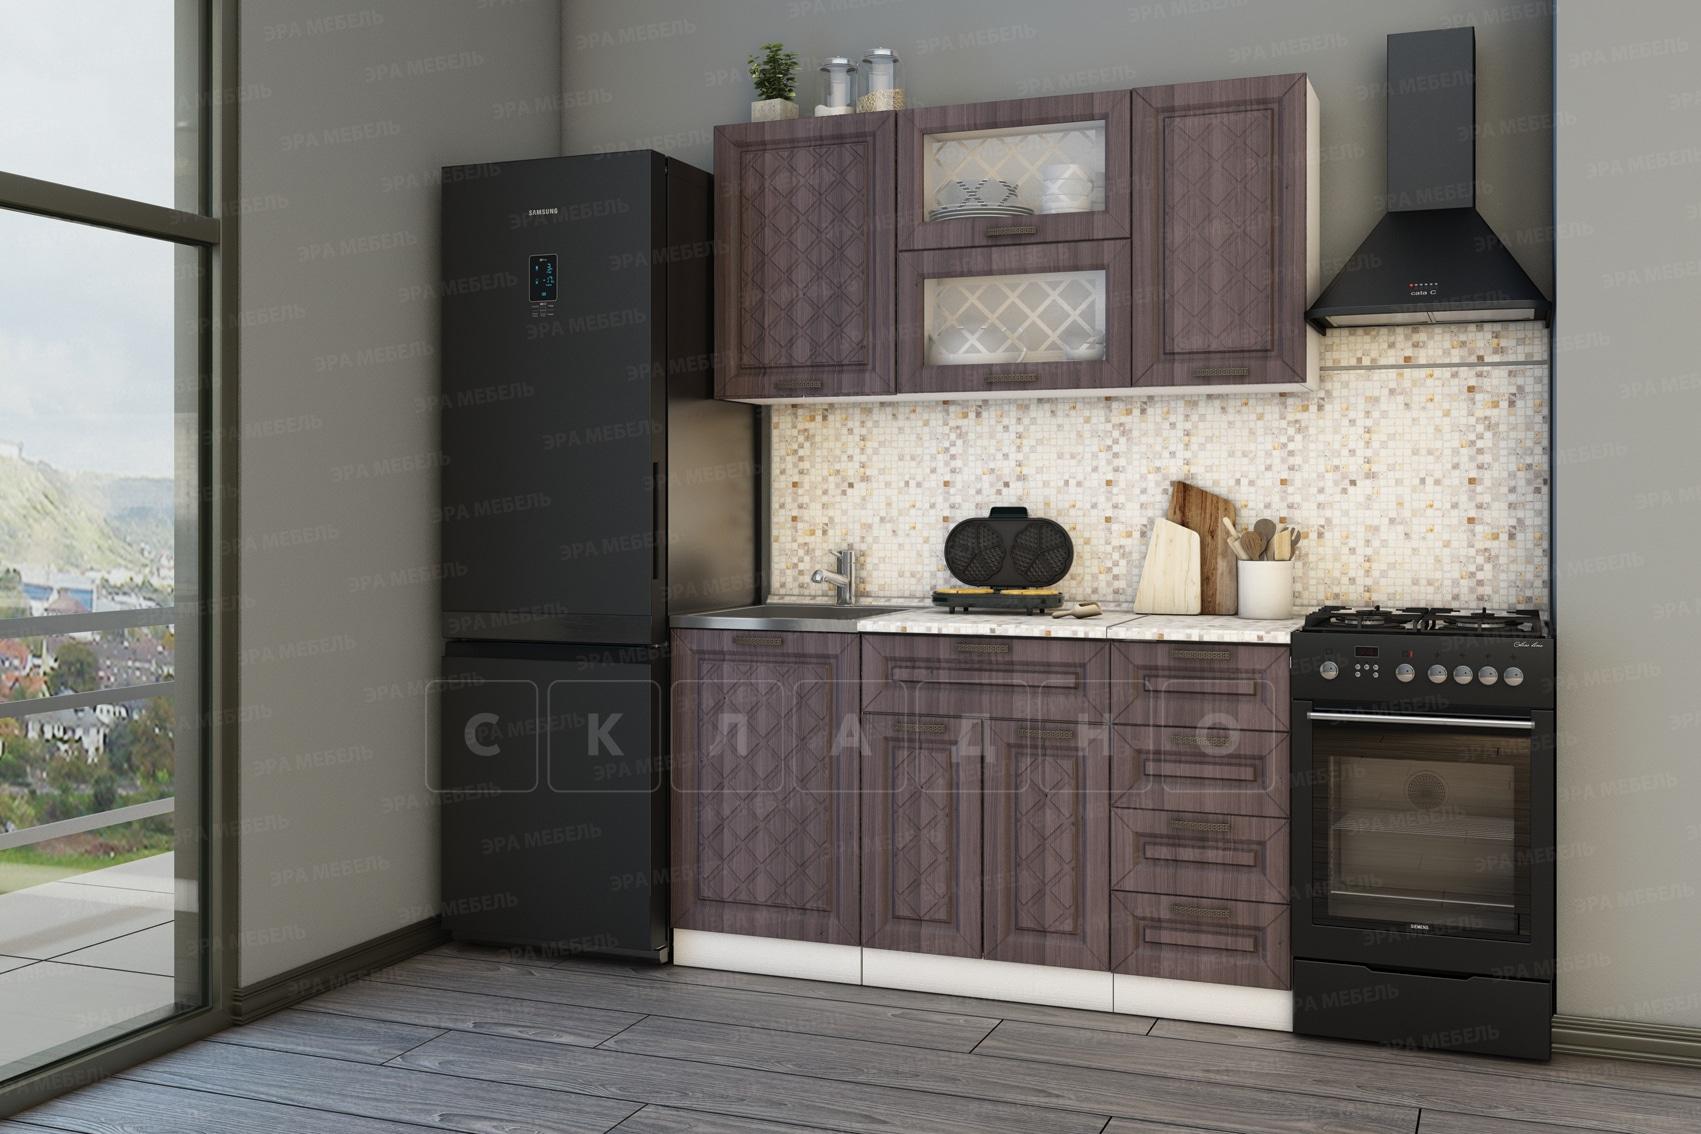 Кухонный гарнитур Агава 1,5 м вариант 2 фото 2   интернет-магазин Складно